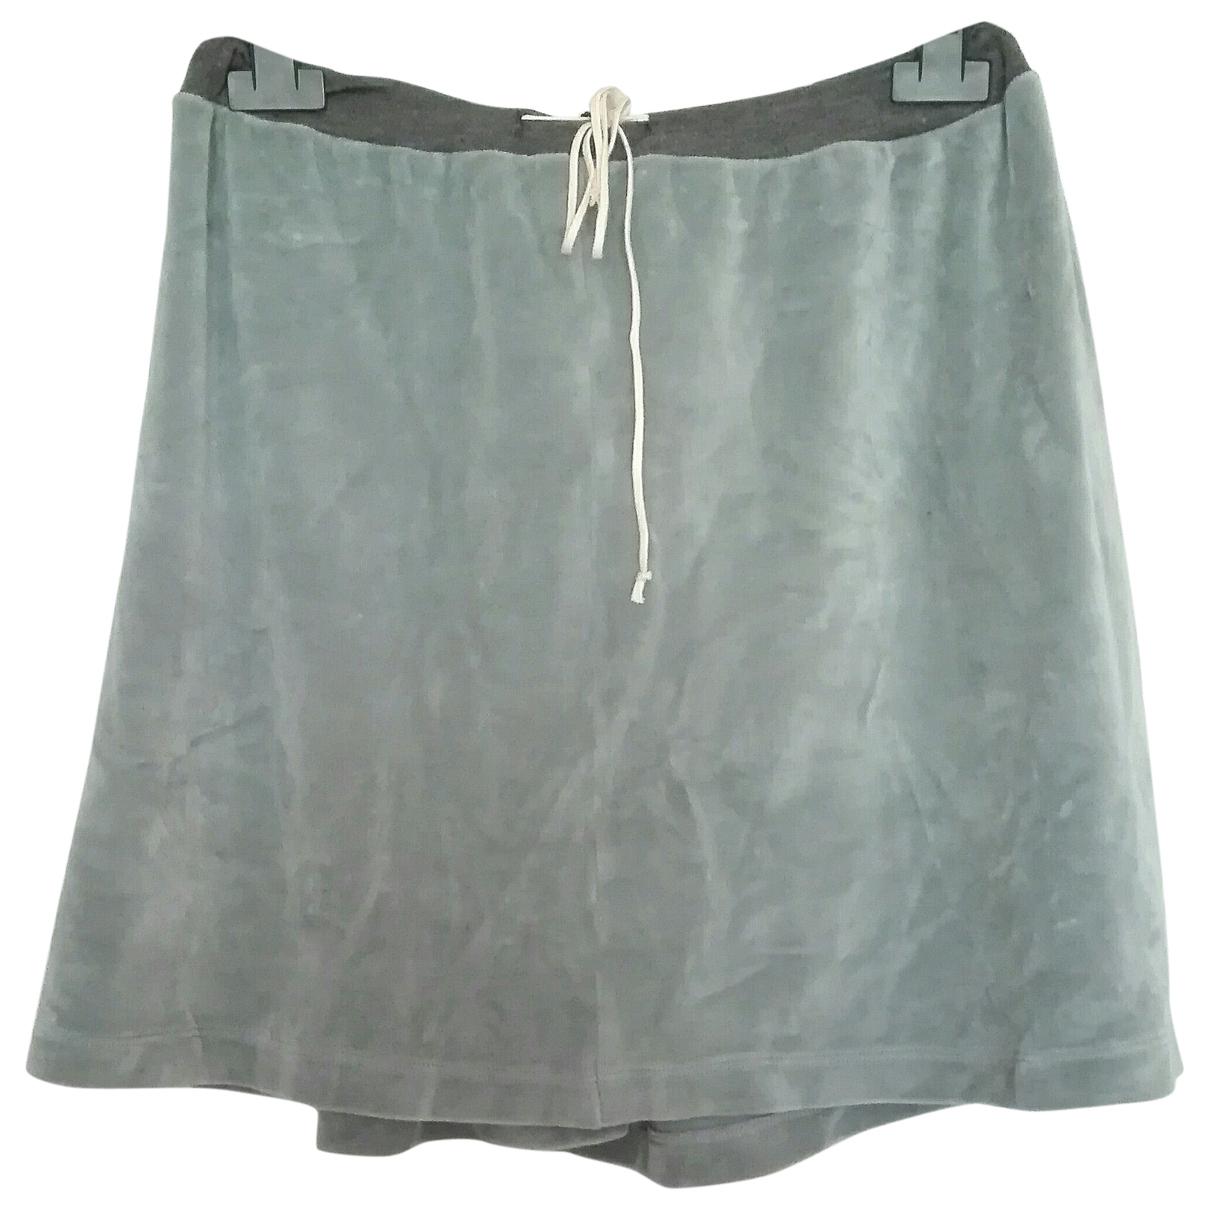 Jean Paul Gaultier \N Grey Cotton skirt for Women 42 IT